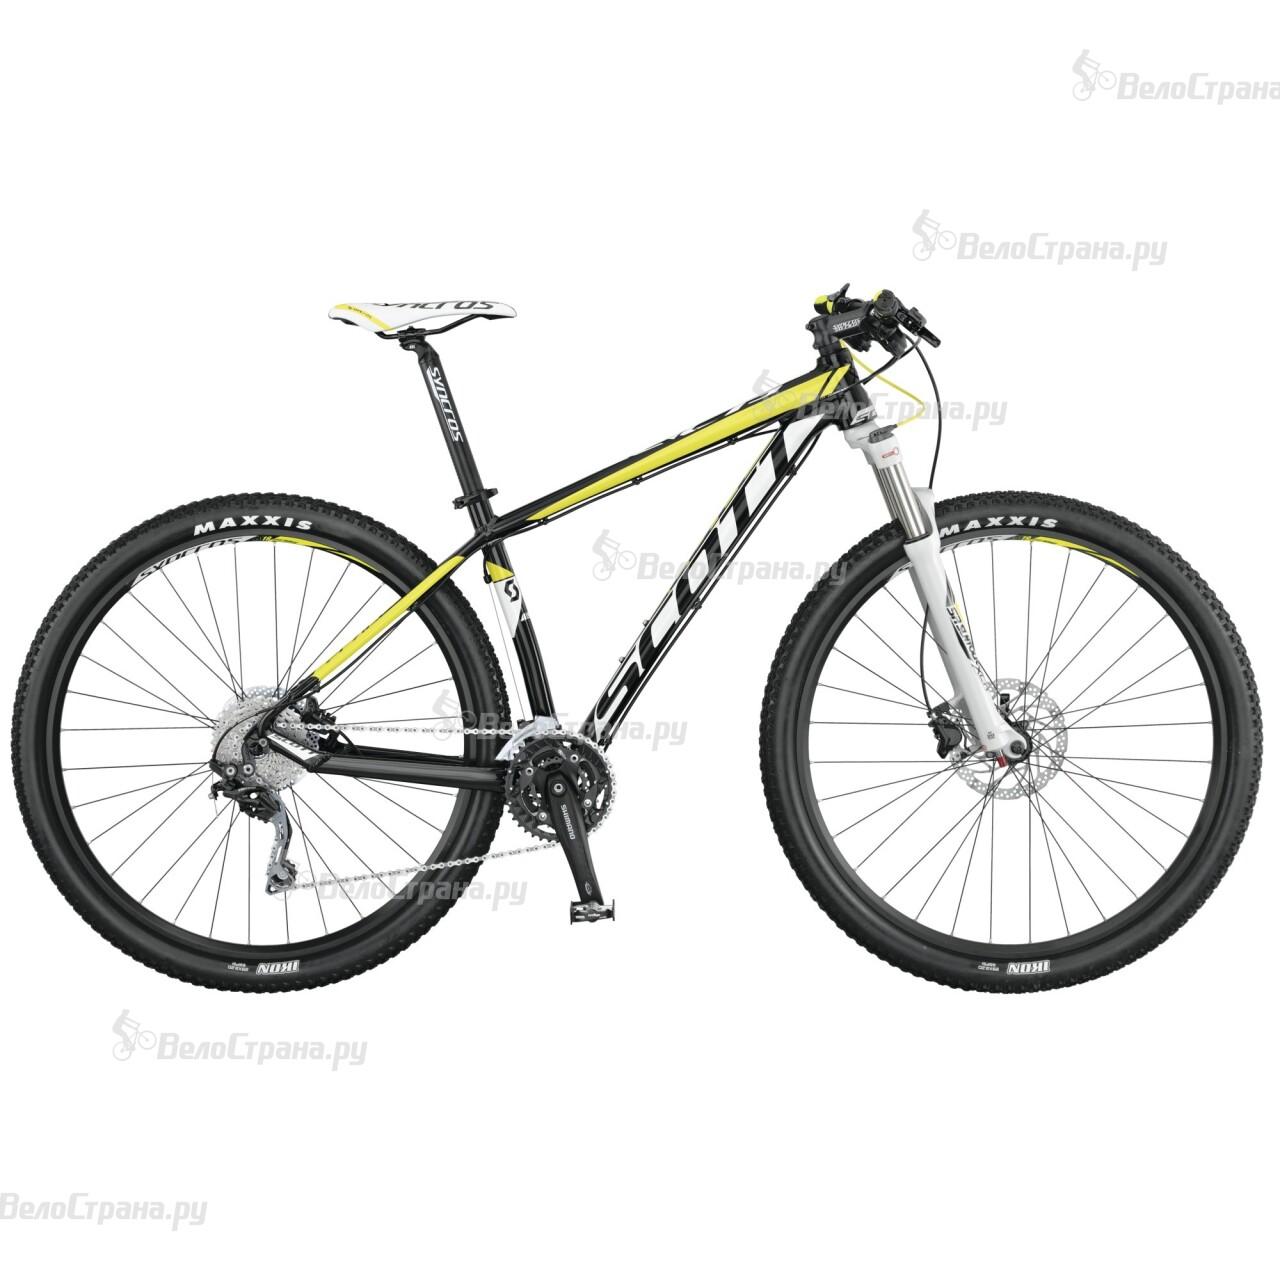 Велосипед Scott Scale 970 (2015)